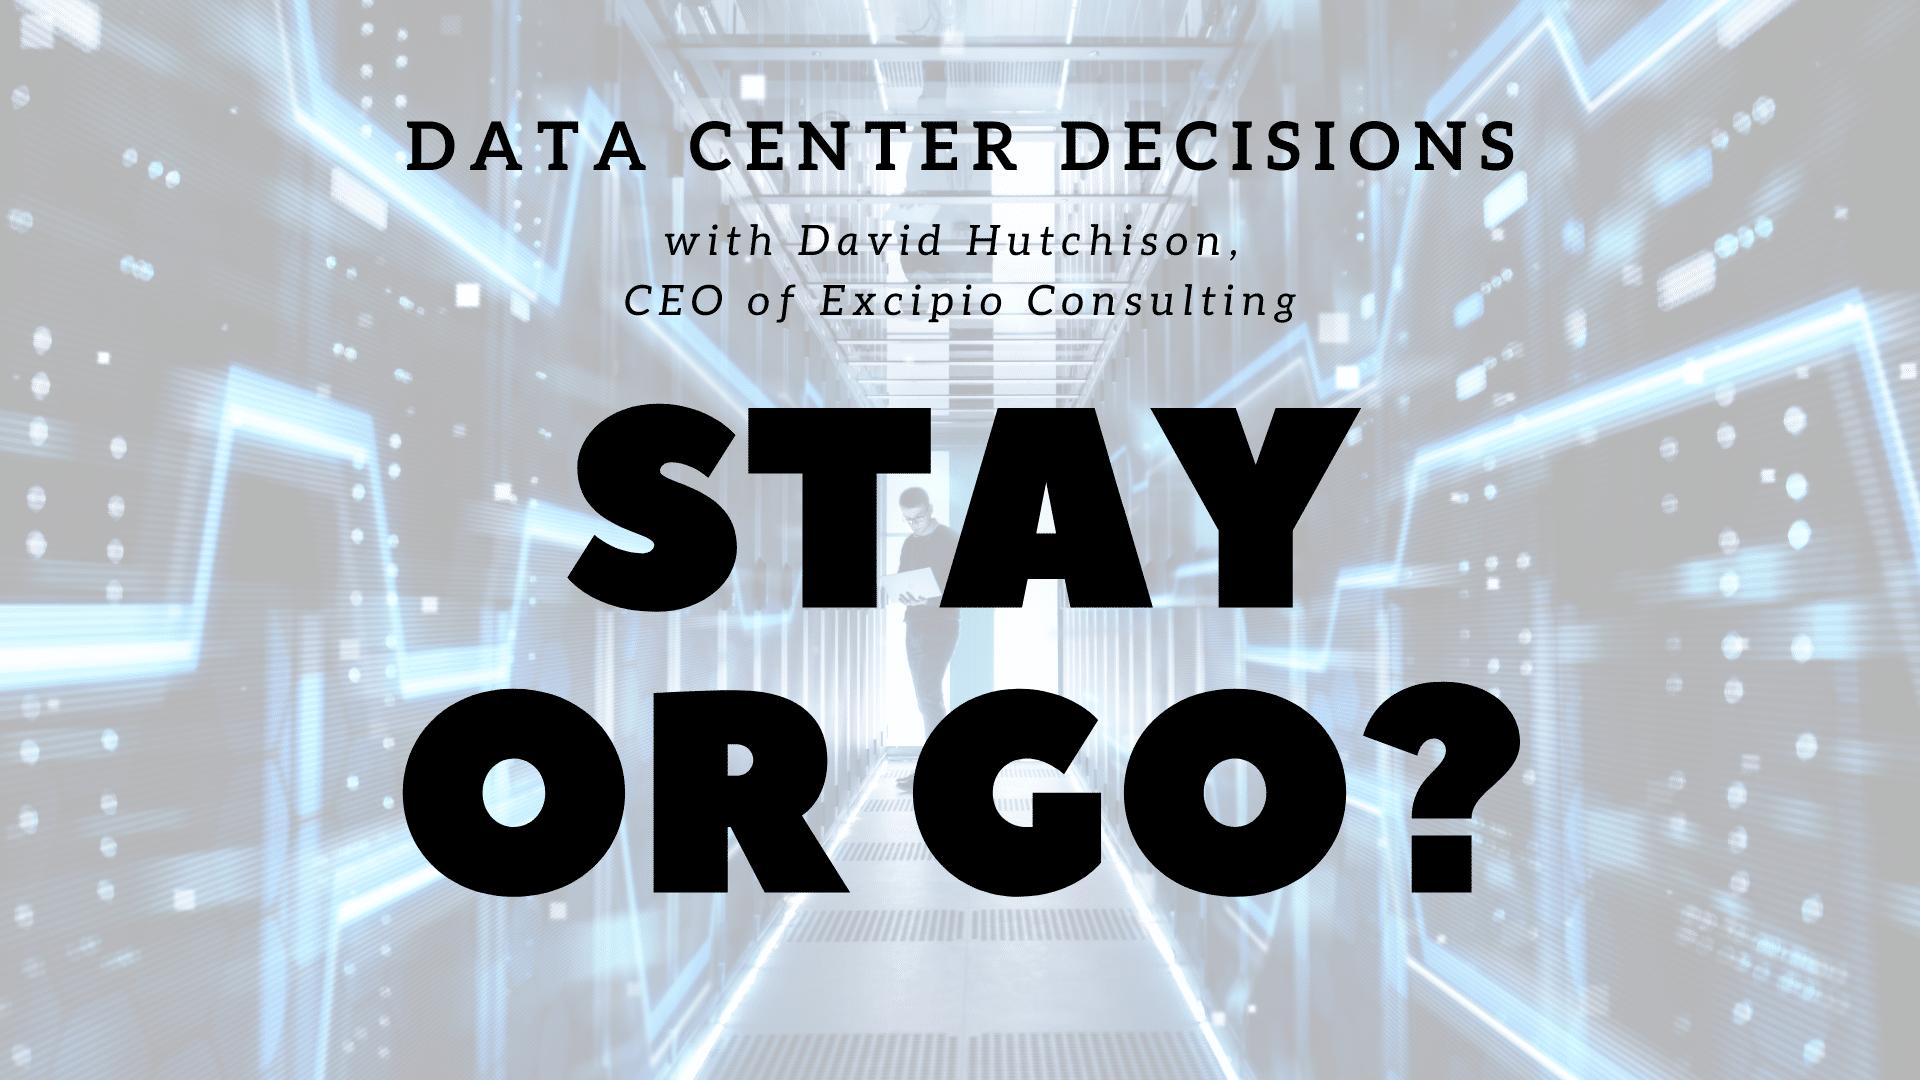 Data Center Decisions